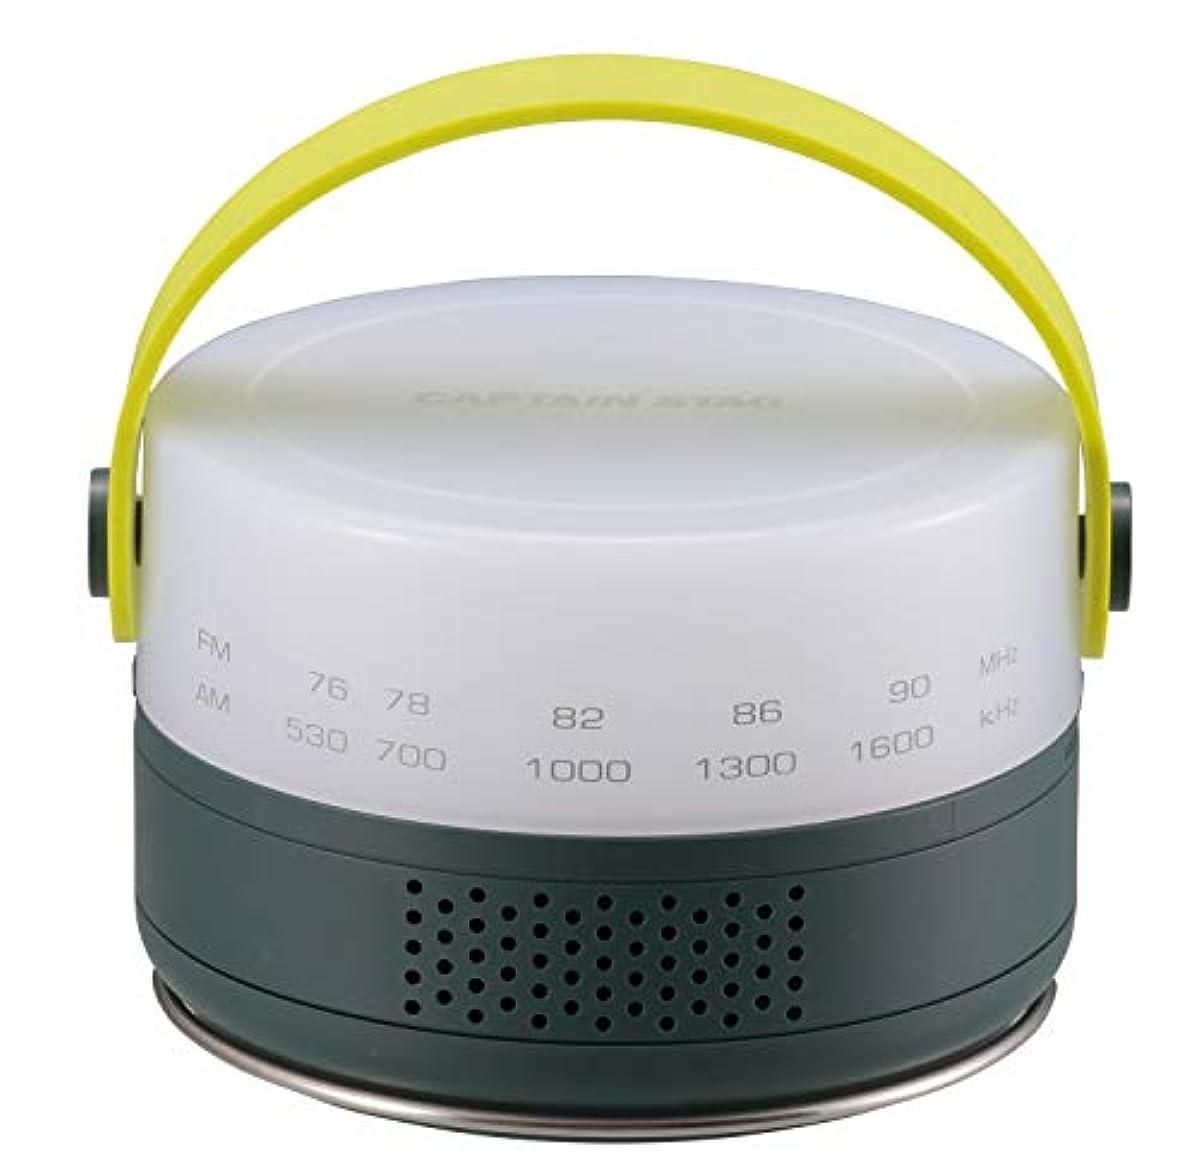 [해외] 캡틴스태그 방재 라디오 LED 랜턴 UK-4062